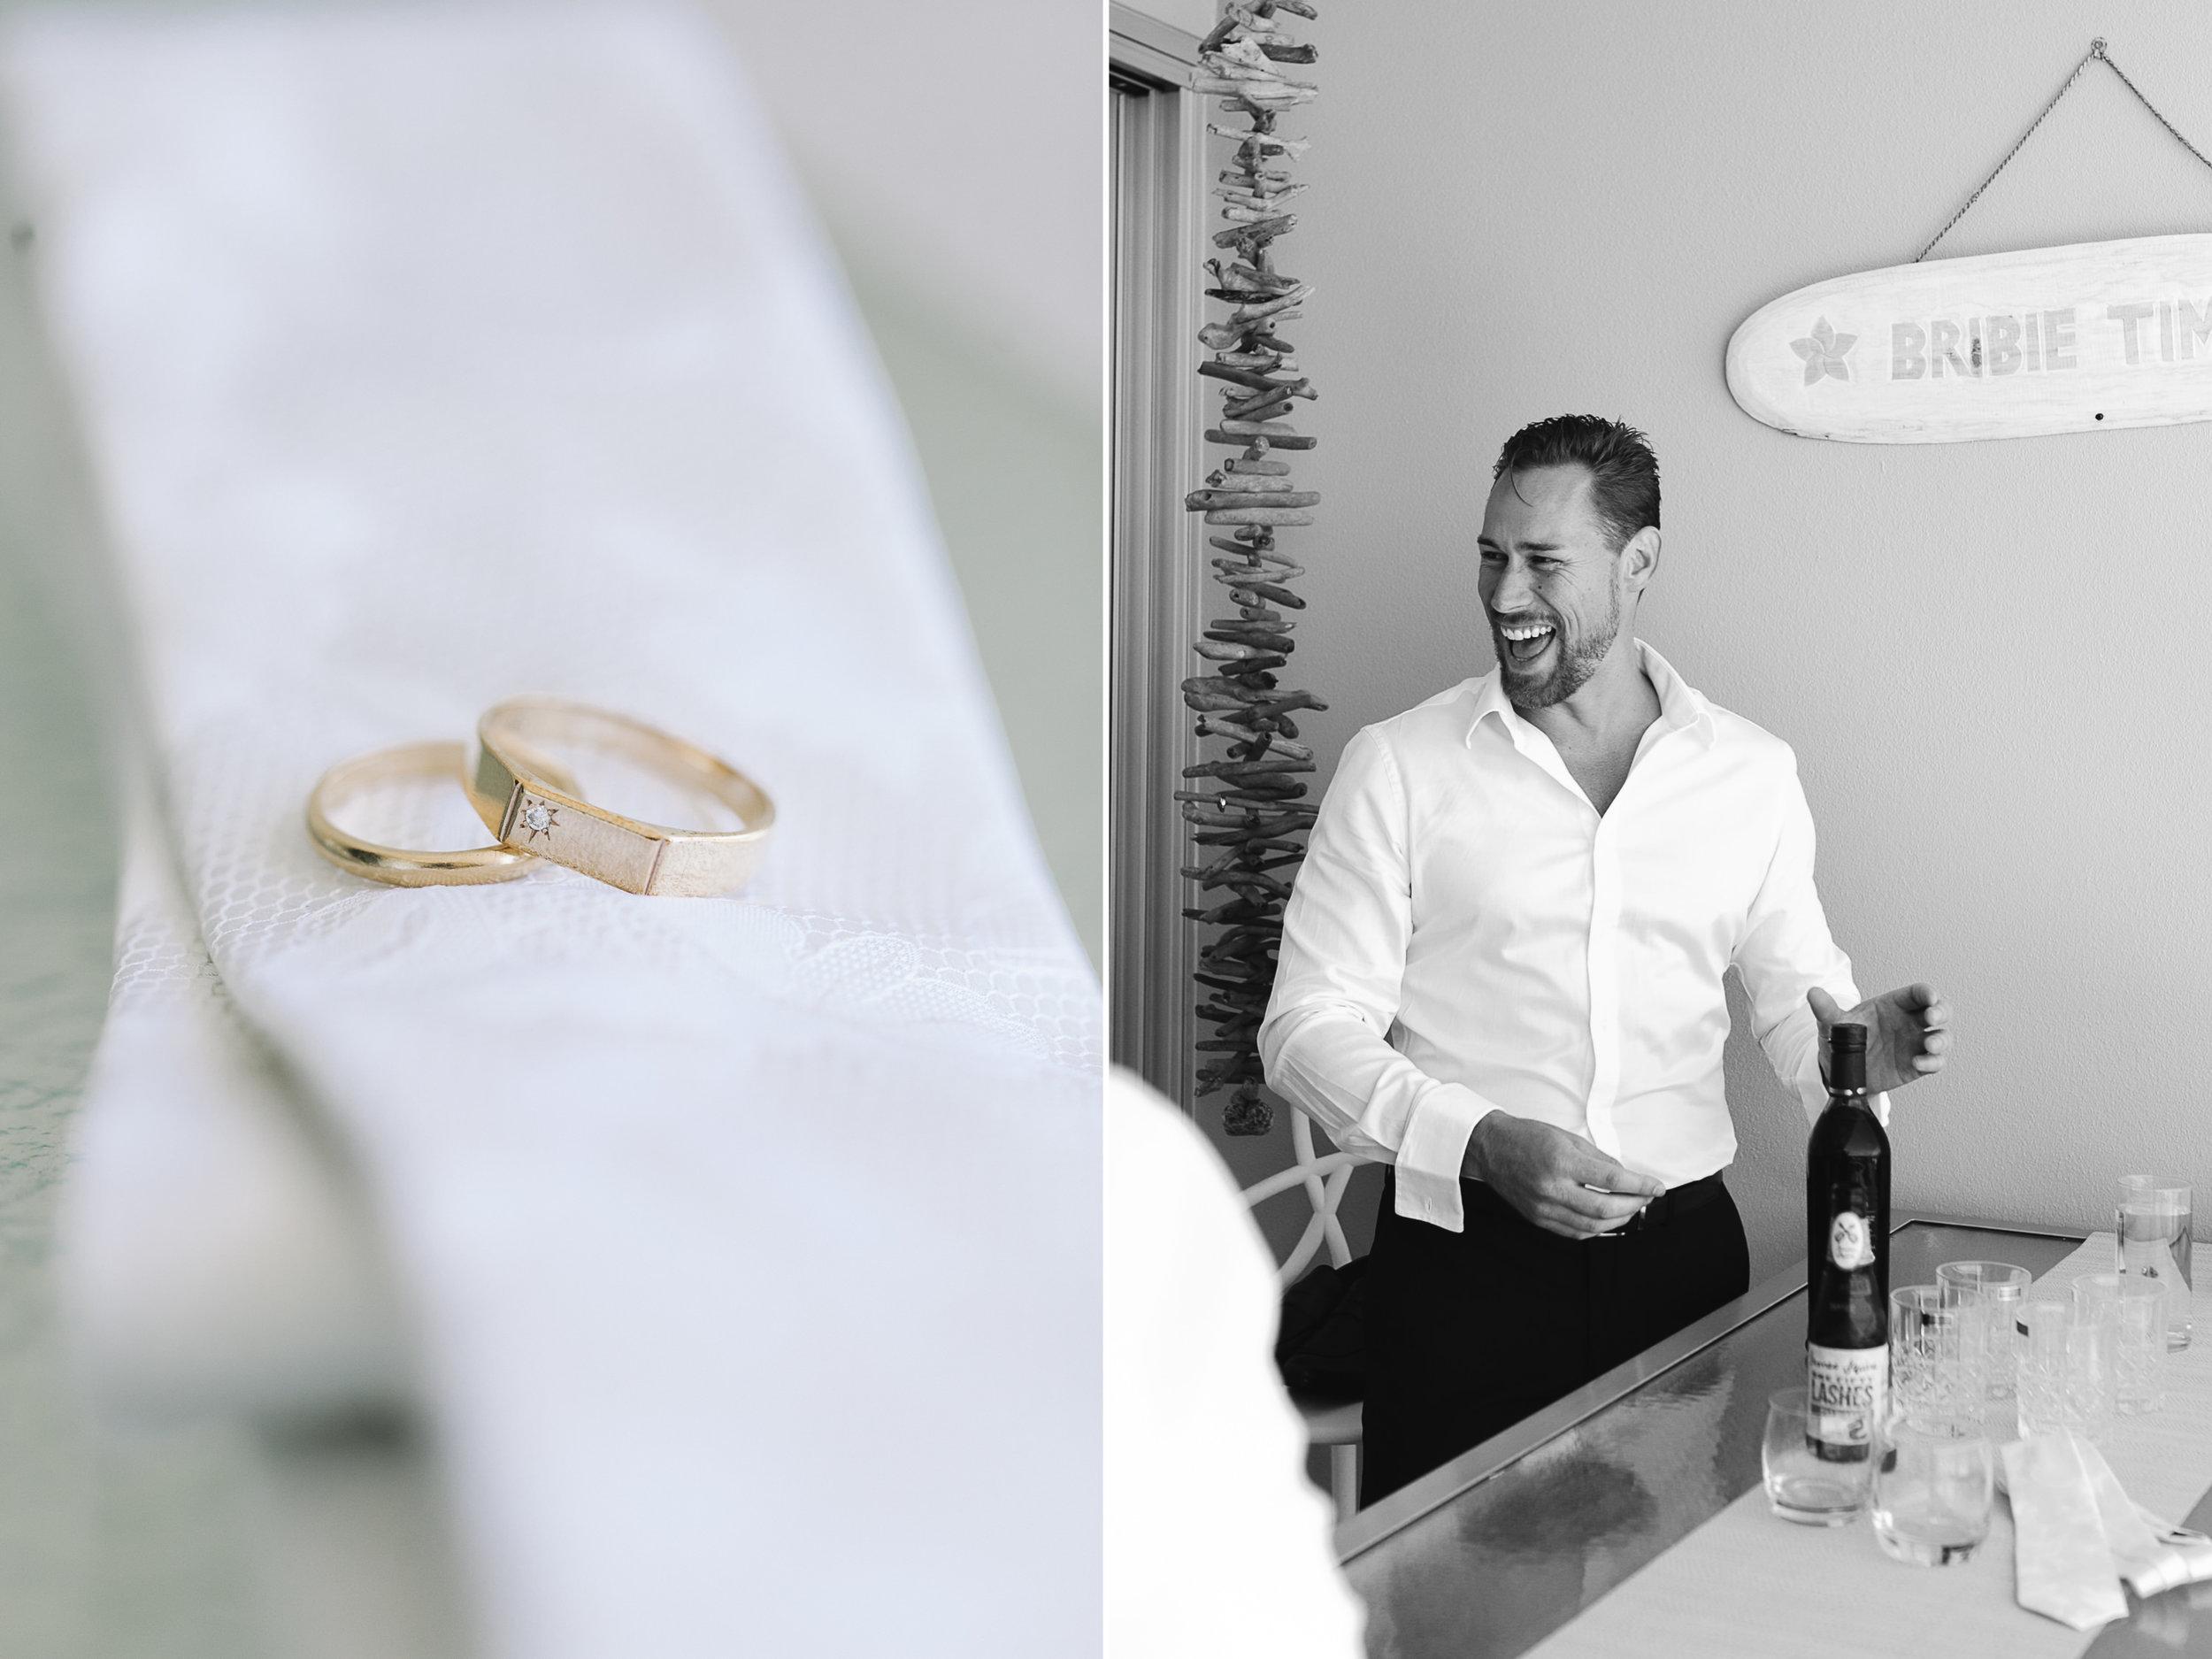 wedding-photography-brisbane-sandstone-point-hotel-bribie-island-6.jpg